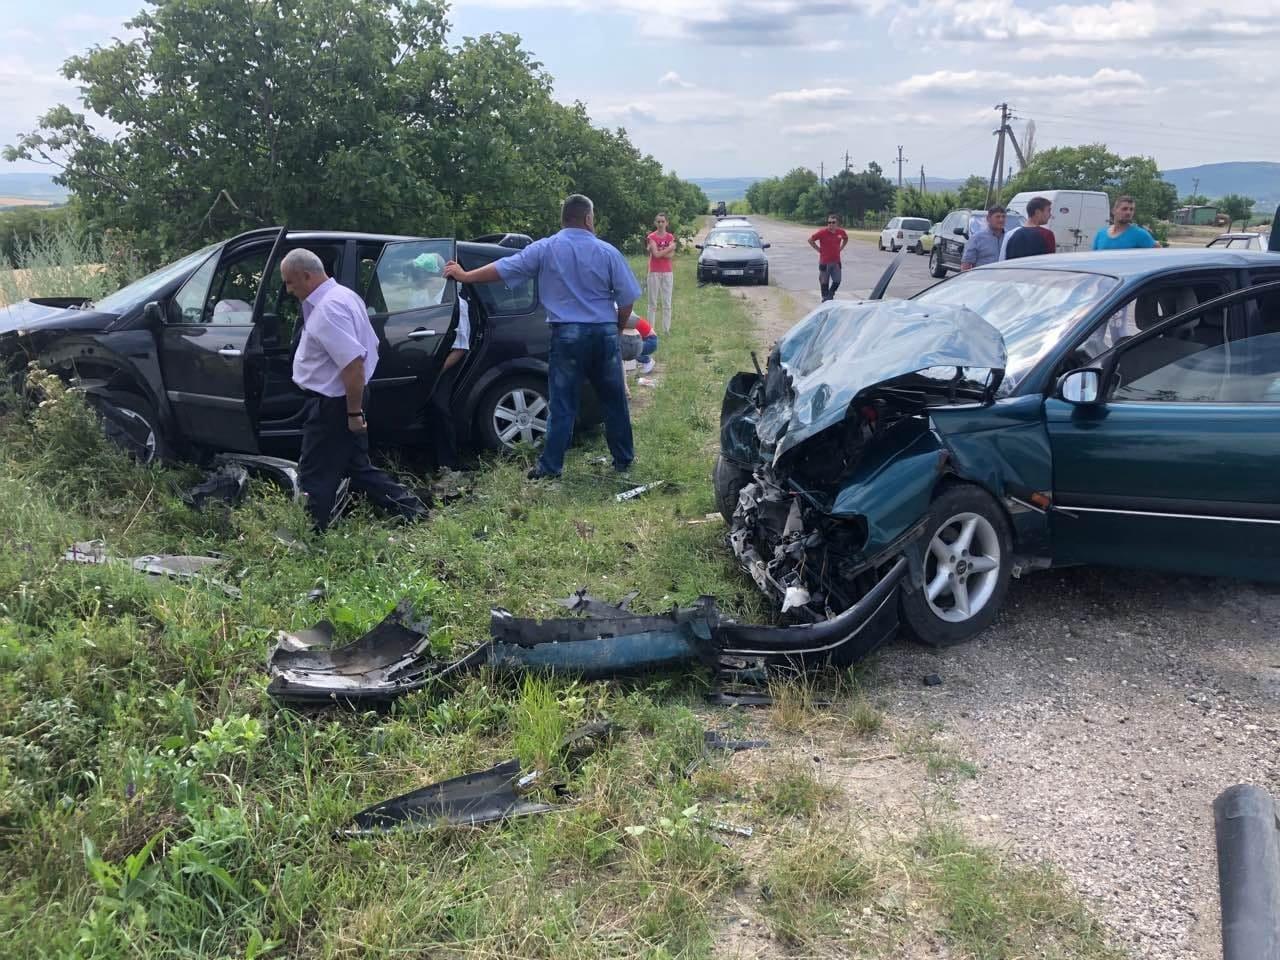 FOTO  | Un Renault Scenic și un Opel Omega s-au ciocnit frontal în satul Nicolaevca, Sîngerei